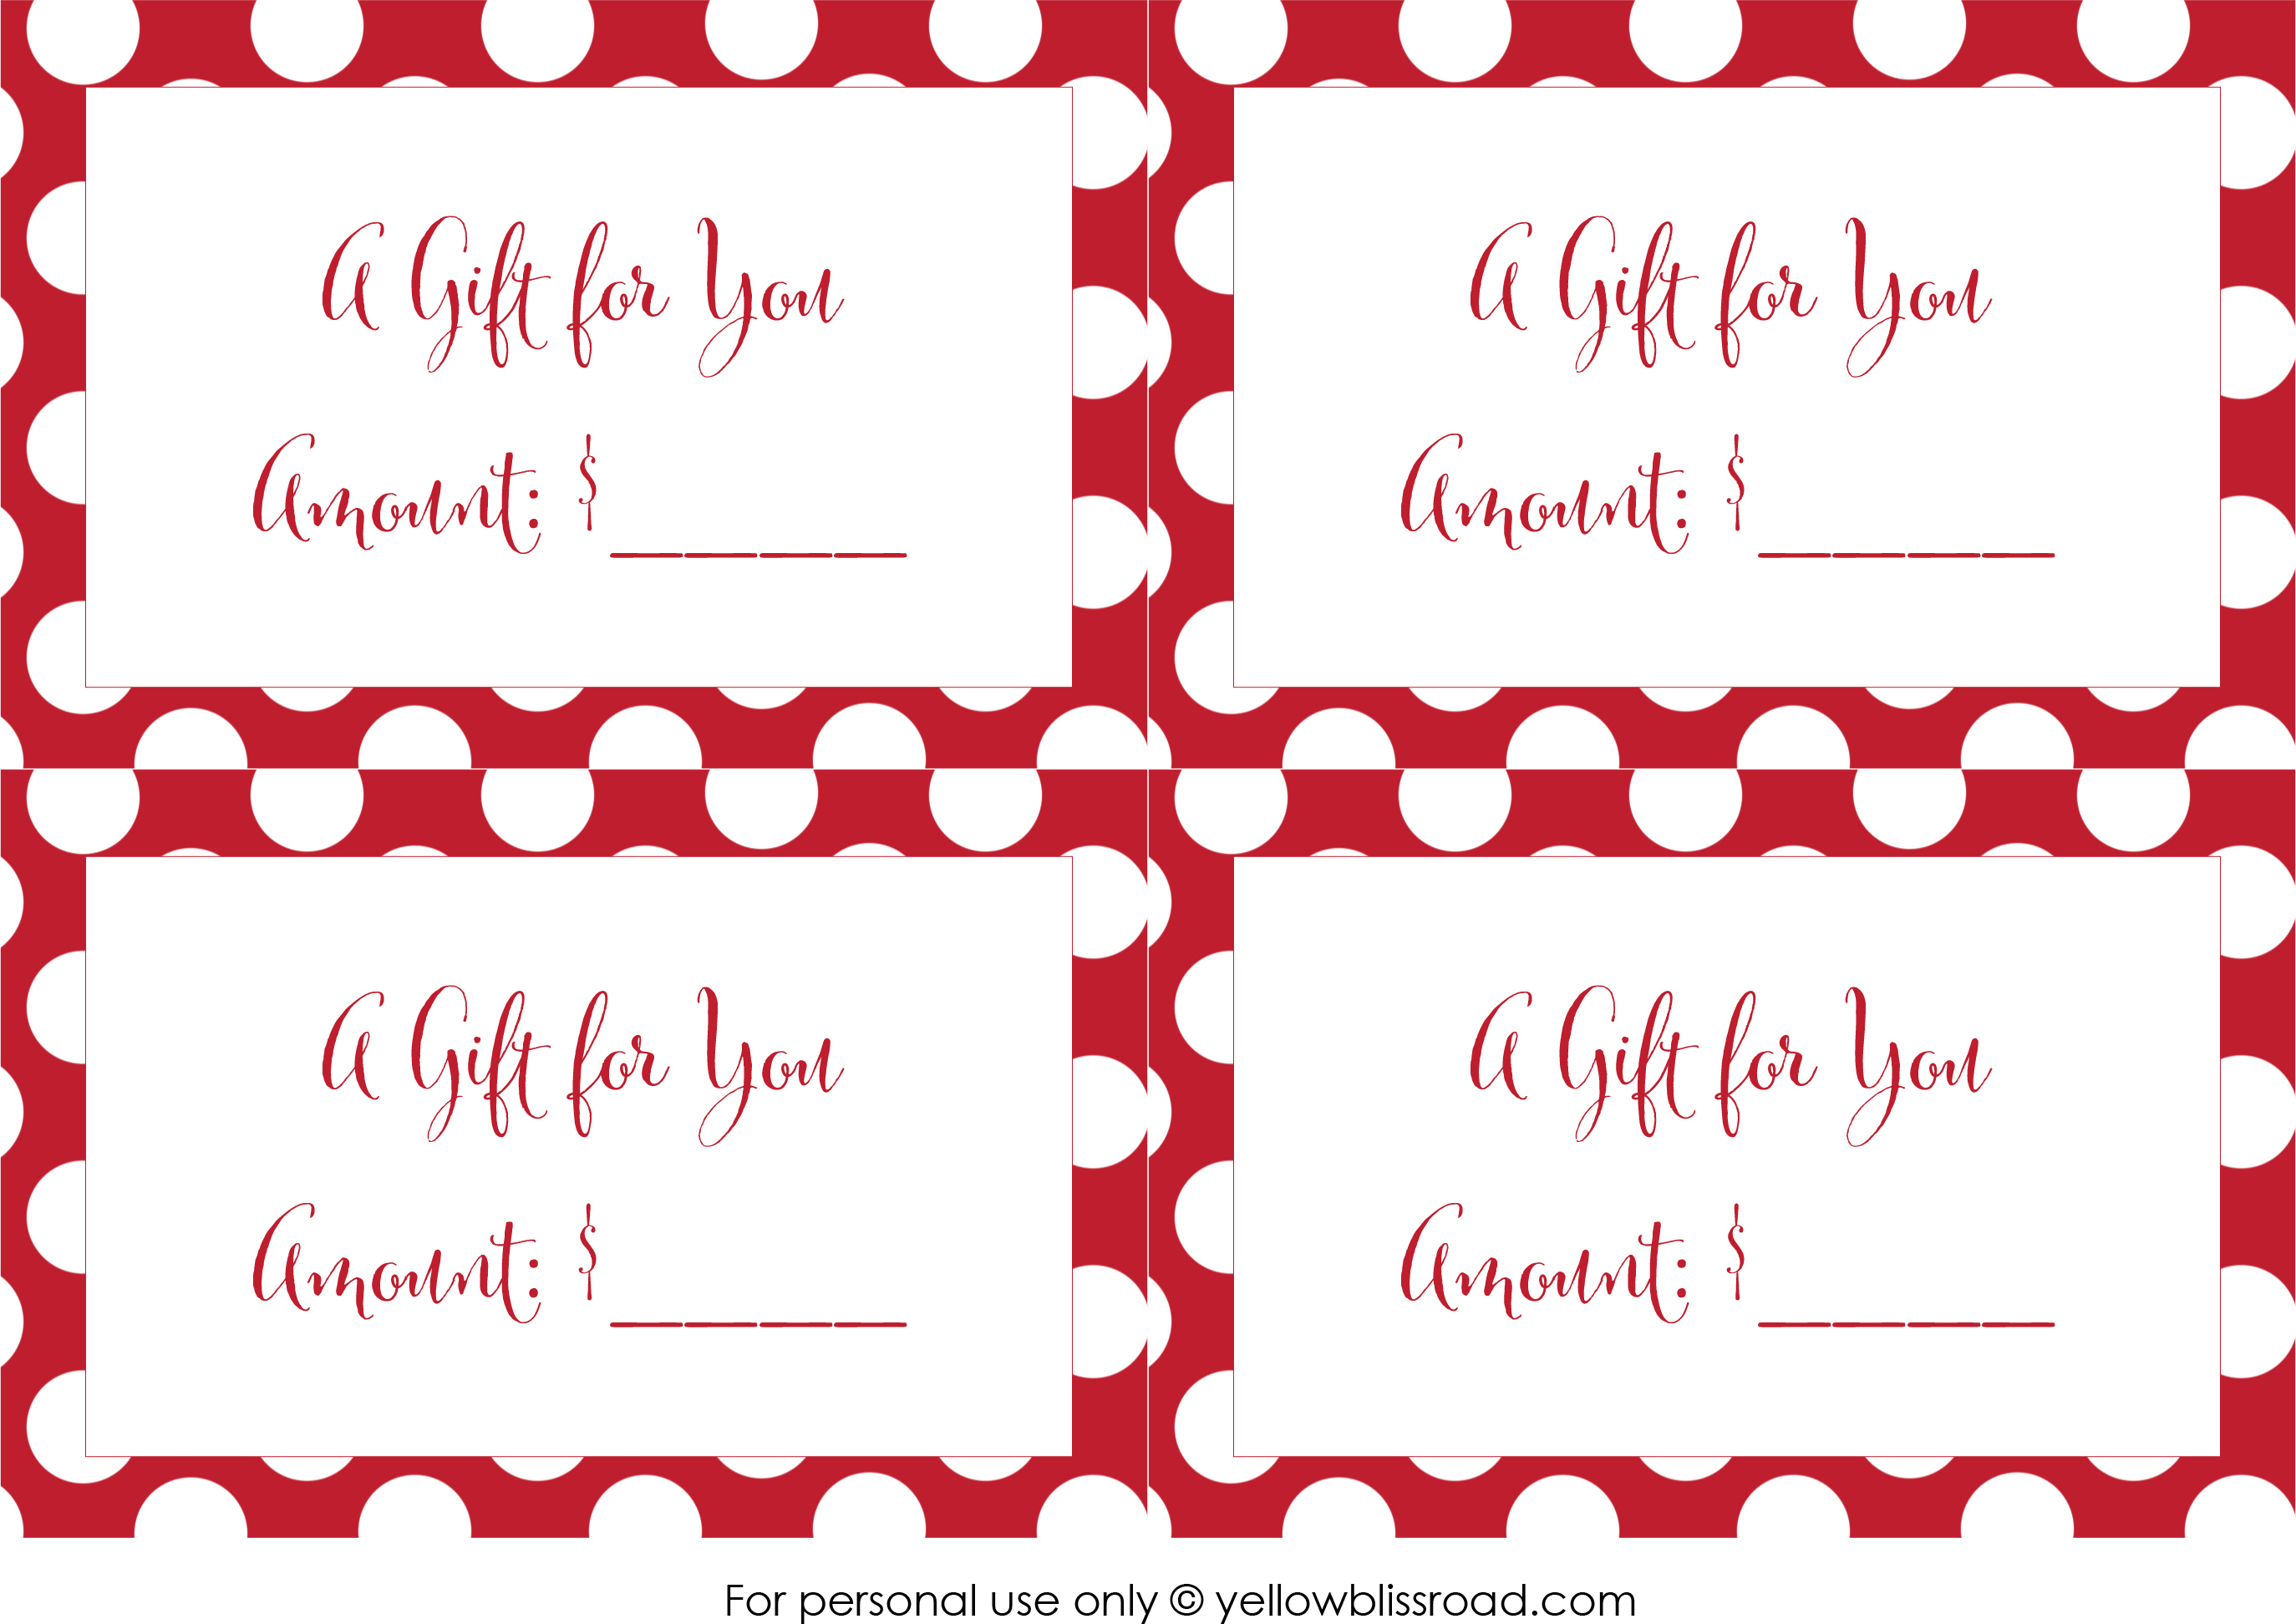 Free Printable Gift Card Envelopes - Yellow Bliss Road - Free Printable Gift Cards